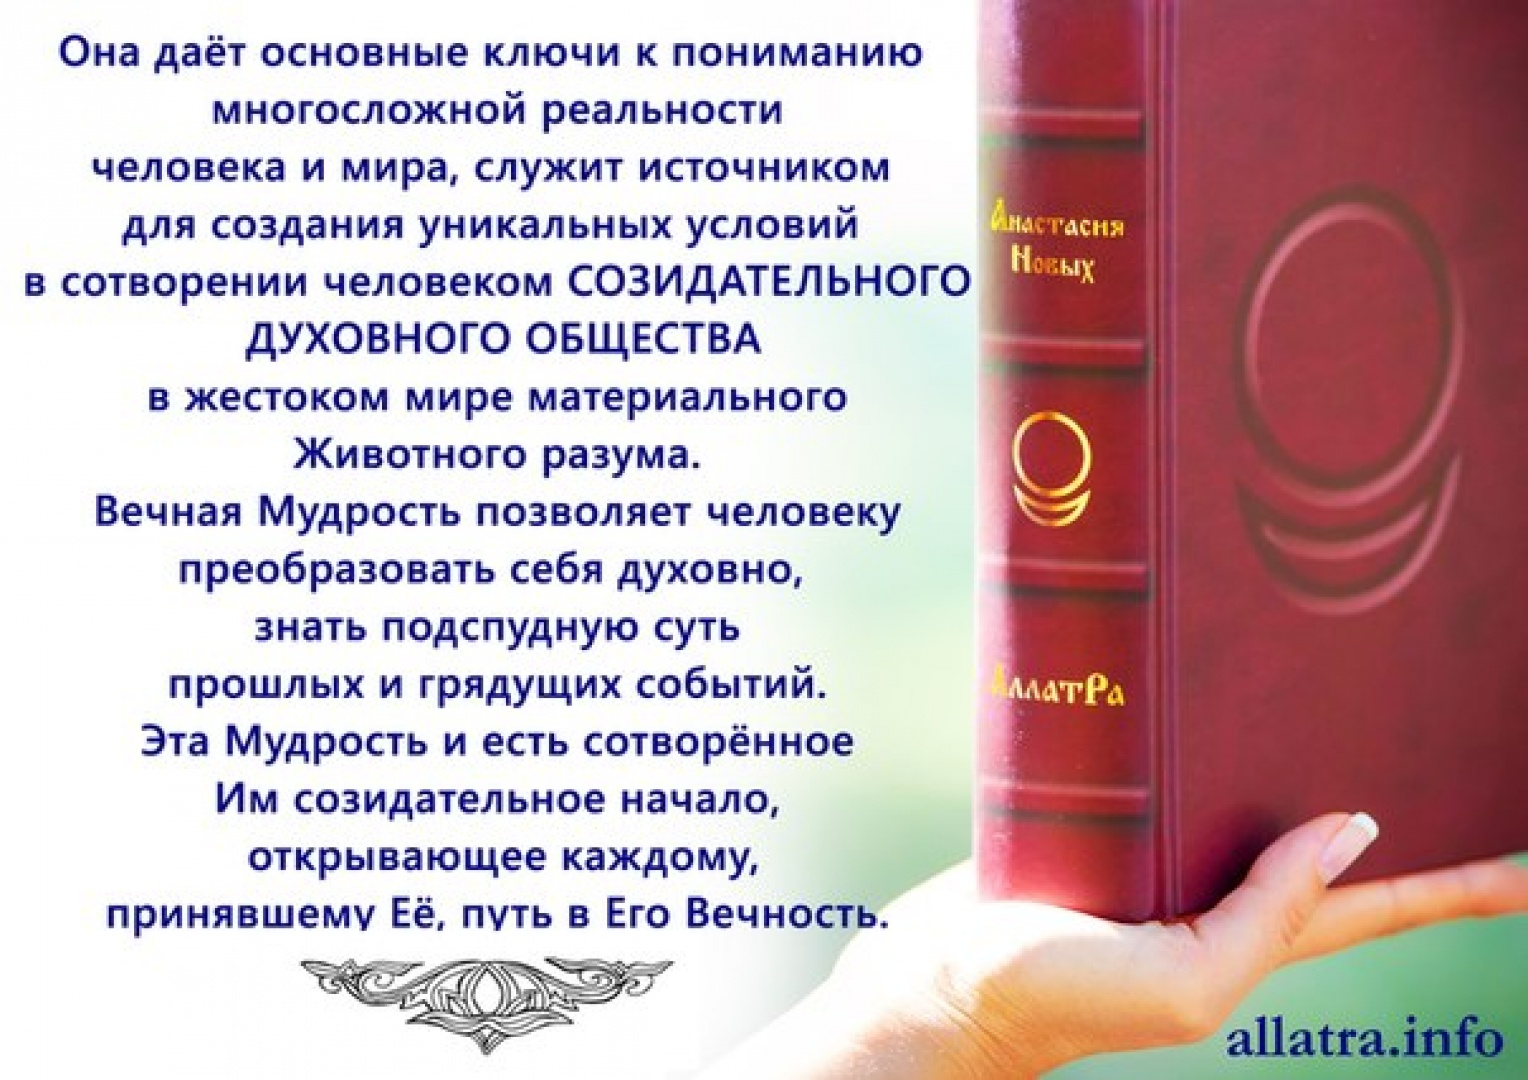 """Реклама книги """"АллатРа"""" в сети Интернет по всему миру"""